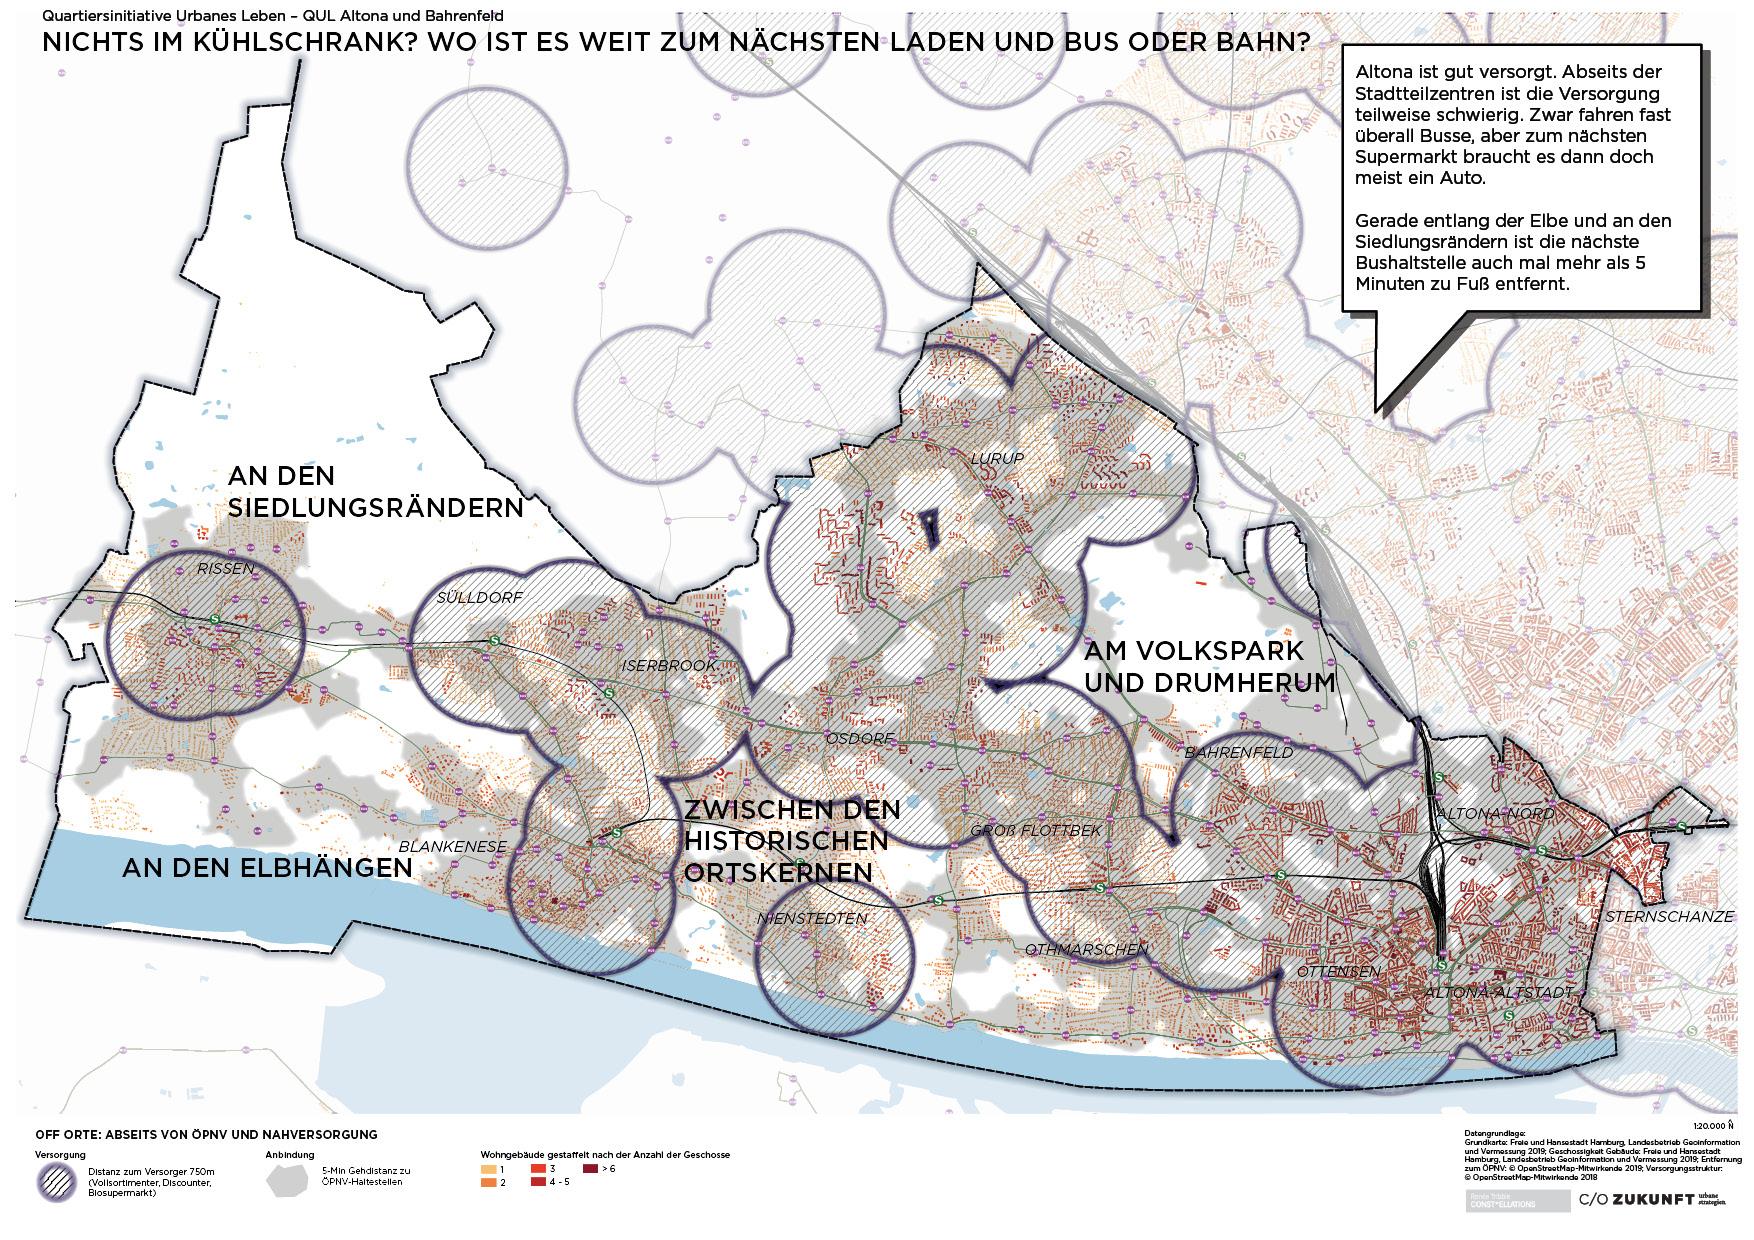 Off Orte: Abseits von ÖPNV und Nahversorgung in Altona